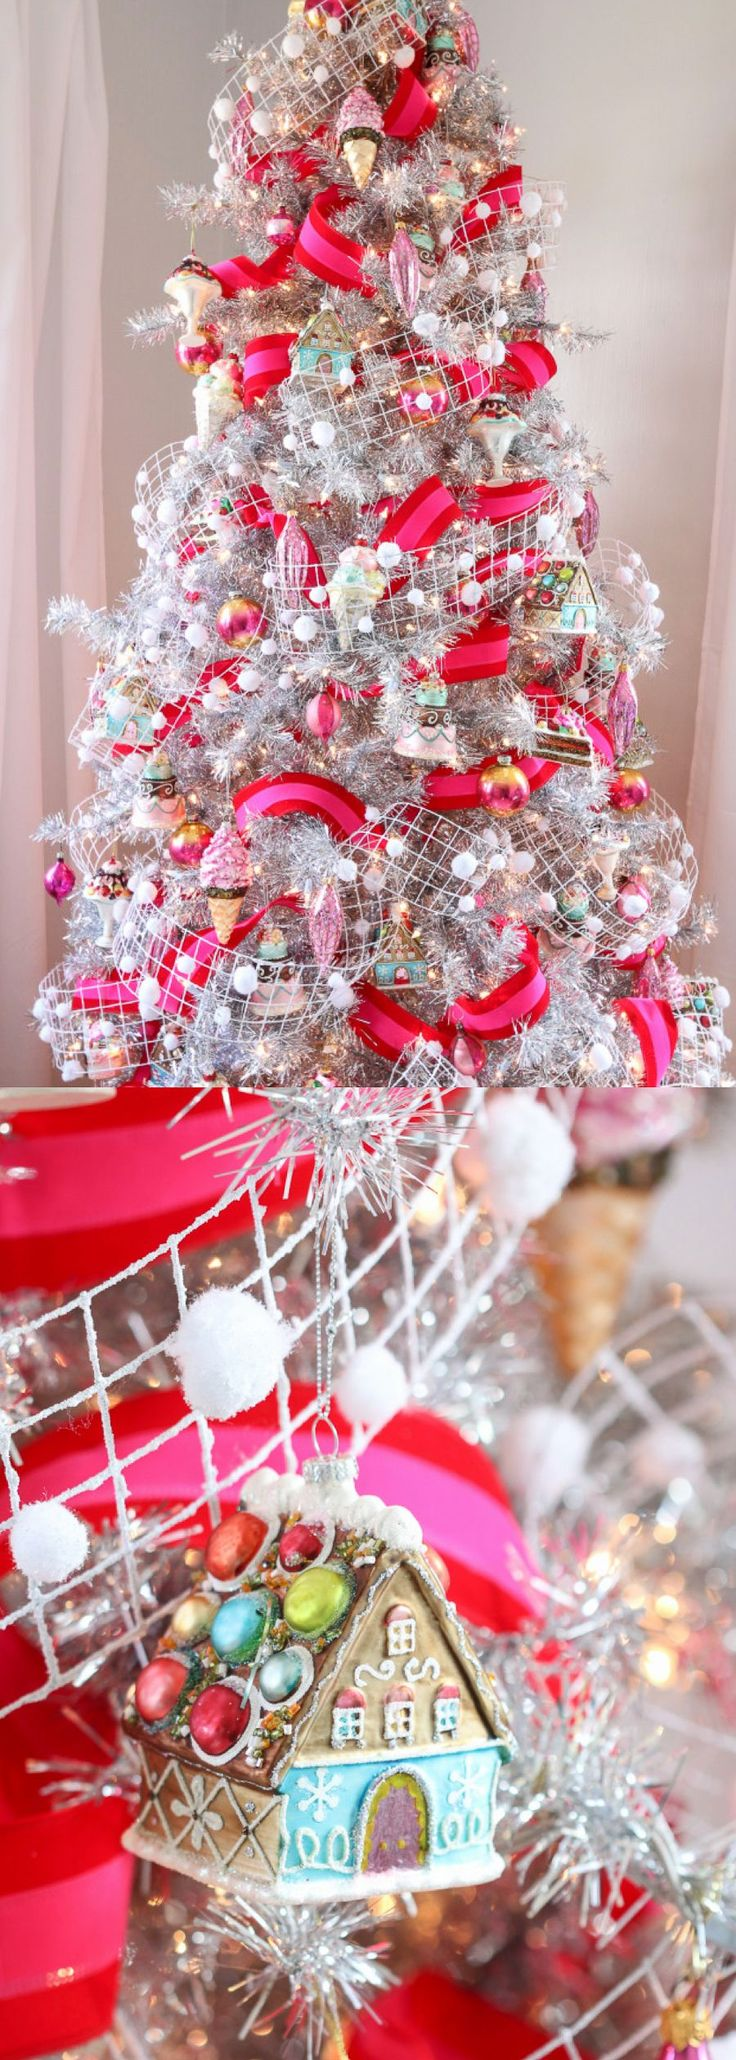 Unique christmas decorations - The 25 Best Unique Christmas Decorations Ideas On Pinterest Diy Christmas Door Decorations Christmas Door Wreaths And Christmas Picture Frames